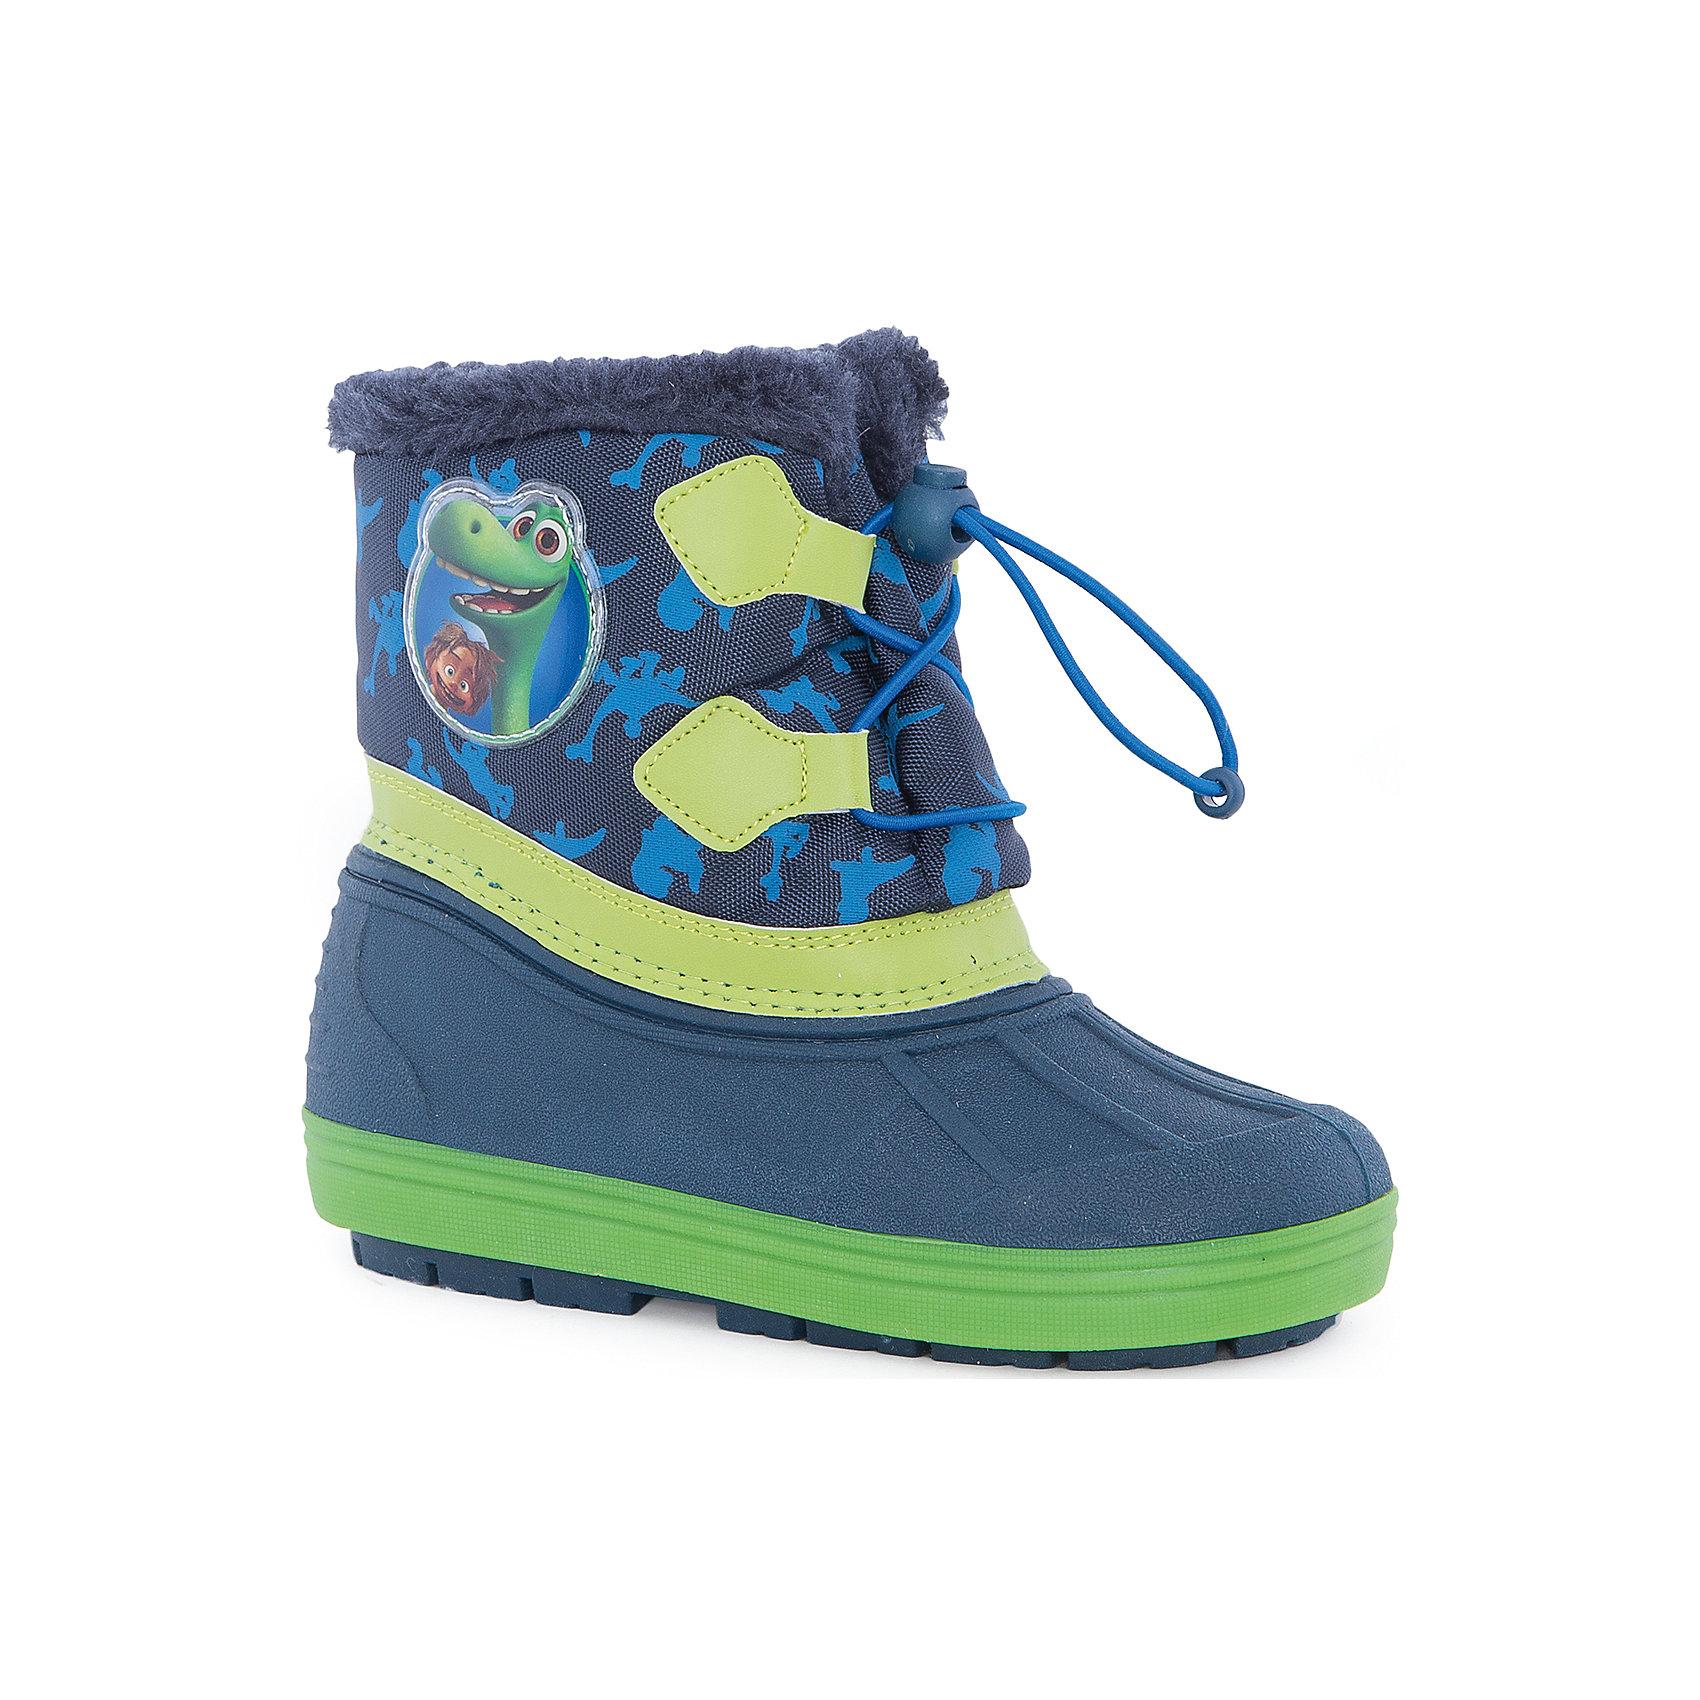 Сноубутсы Хороший динозавр для мальчика MursuСноубутсы<br>Сноубутсы для мальчика MURSU (Мурсу).<br><br>Характеристики:<br><br>• цвет: синий/зеленый<br>• температурный режим до -25С<br>• верхний материал: искуственные материалы, текстиль<br>• внутренний материал: натуральная шерсть, искусственый мех<br>• стелька: натуральная шерсть<br>• подошва: ТЭП<br>• утяжка по высоте сноубутсов<br>• сезон: зима<br><br>Сноубутсы MURSU созданы специально для любителей мультфильма Хороший Динозавр, ведь сбоку они украшены изображением веселых доисторических жителей. Меховая подкладка и стелька подарят комфорт и тепло во время прогулки. Модель имеет рифленую устойчивую подошву и меховой выступ по верху. Спереди сноубутсы утягиваются по толщине ноги. Прекрасный выбор для любителей длительных прогулок!<br><br>Сноубутсы для мальчика MURSU (Мурсу) вы можете приобрести в нашем интернет-магазине.<br><br>Ширина мм: 262<br>Глубина мм: 176<br>Высота мм: 97<br>Вес г: 427<br>Цвет: синий<br>Возраст от месяцев: 84<br>Возраст до месяцев: 96<br>Пол: Мужской<br>Возраст: Детский<br>Размер: 31,24,30,27,28,25,32,26,29<br>SKU: 4861742